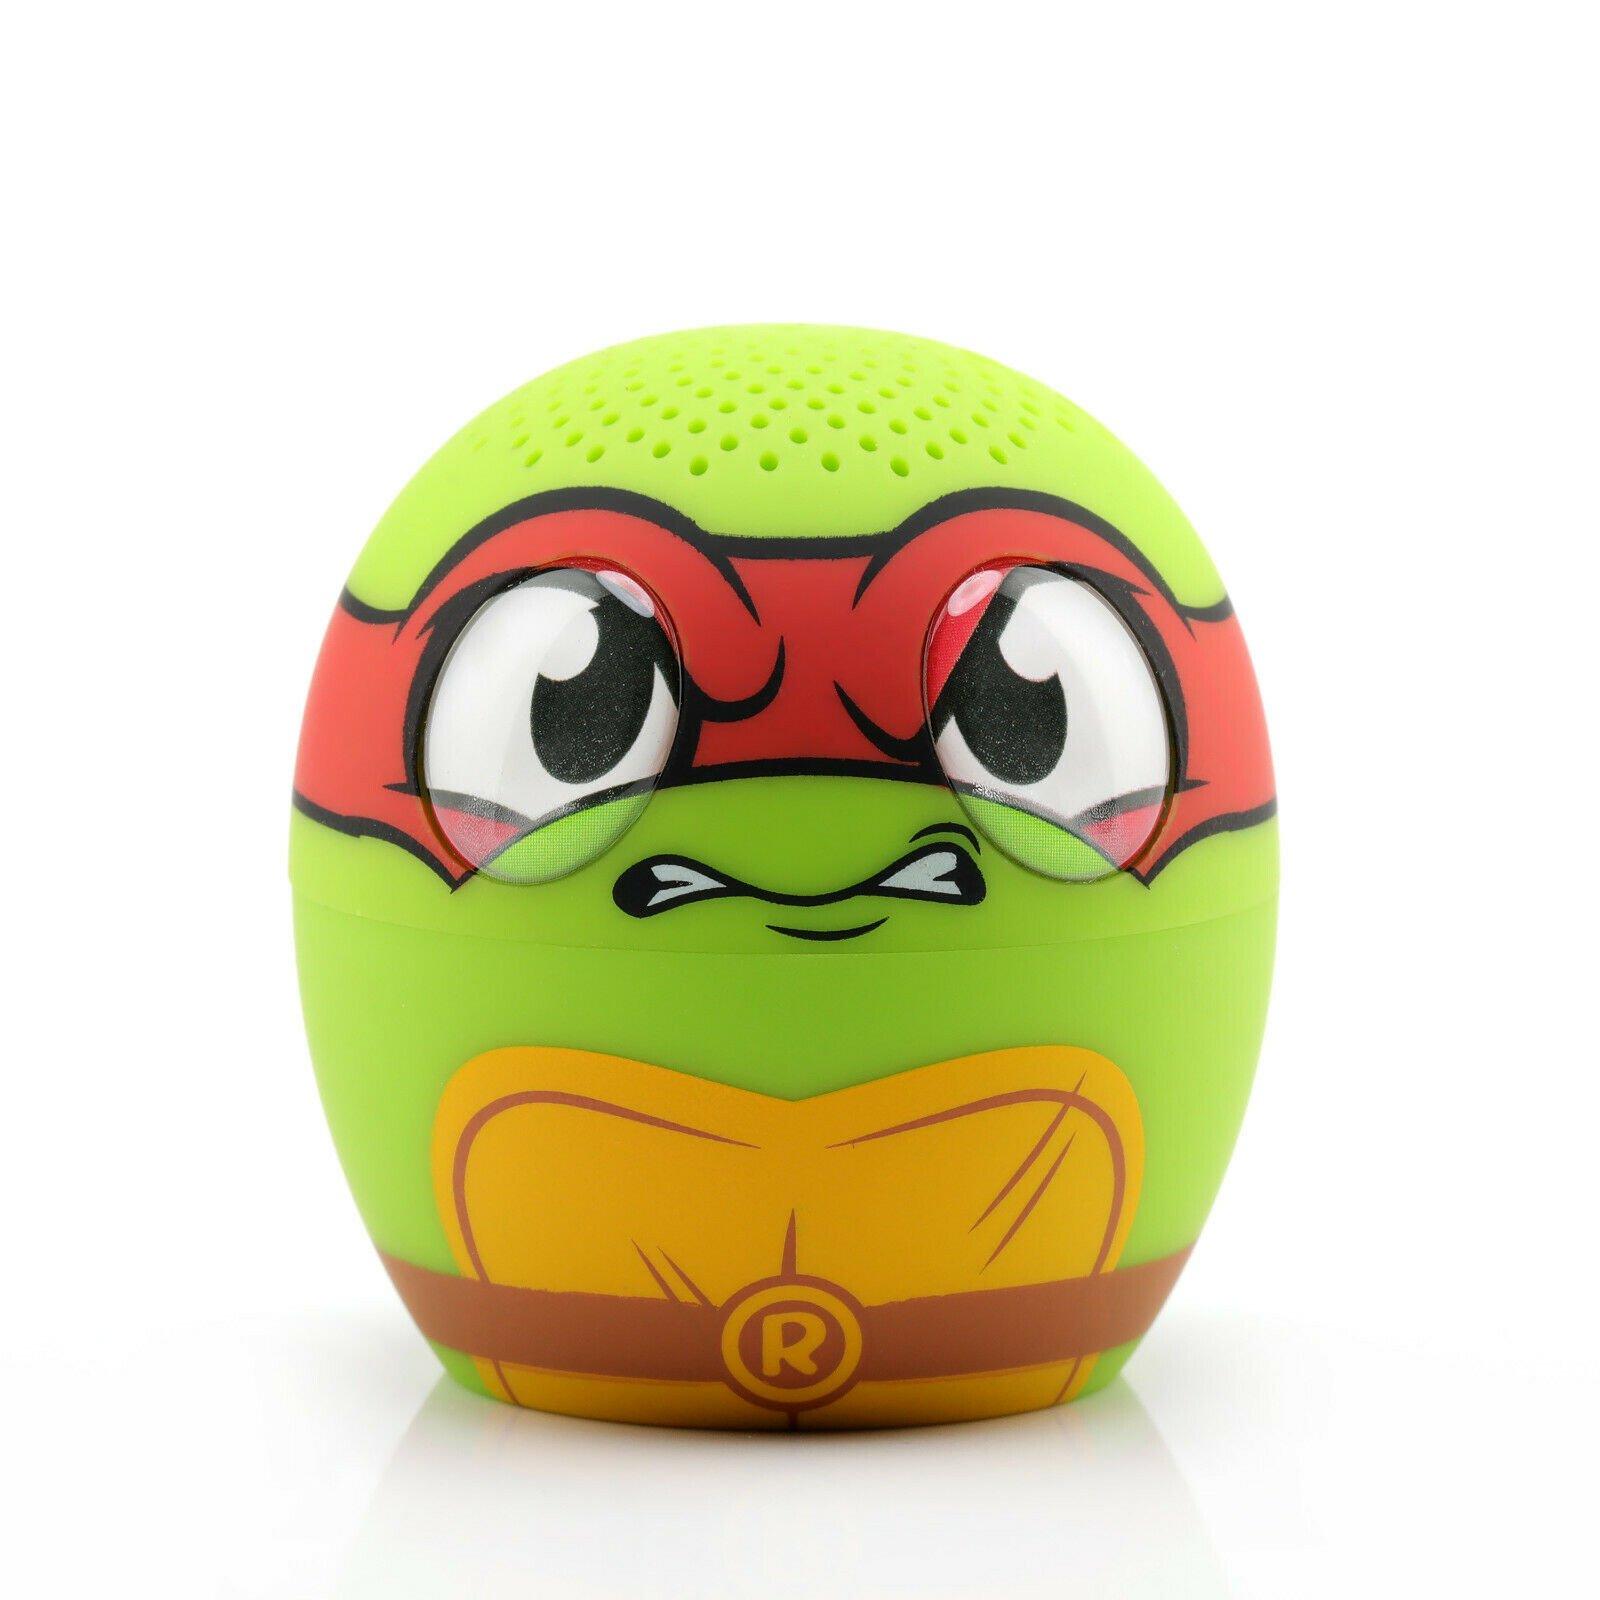 Raphael Teenage Mutant Turtle Ninja Bitty Boomer Wireless Bluetooth Speaker